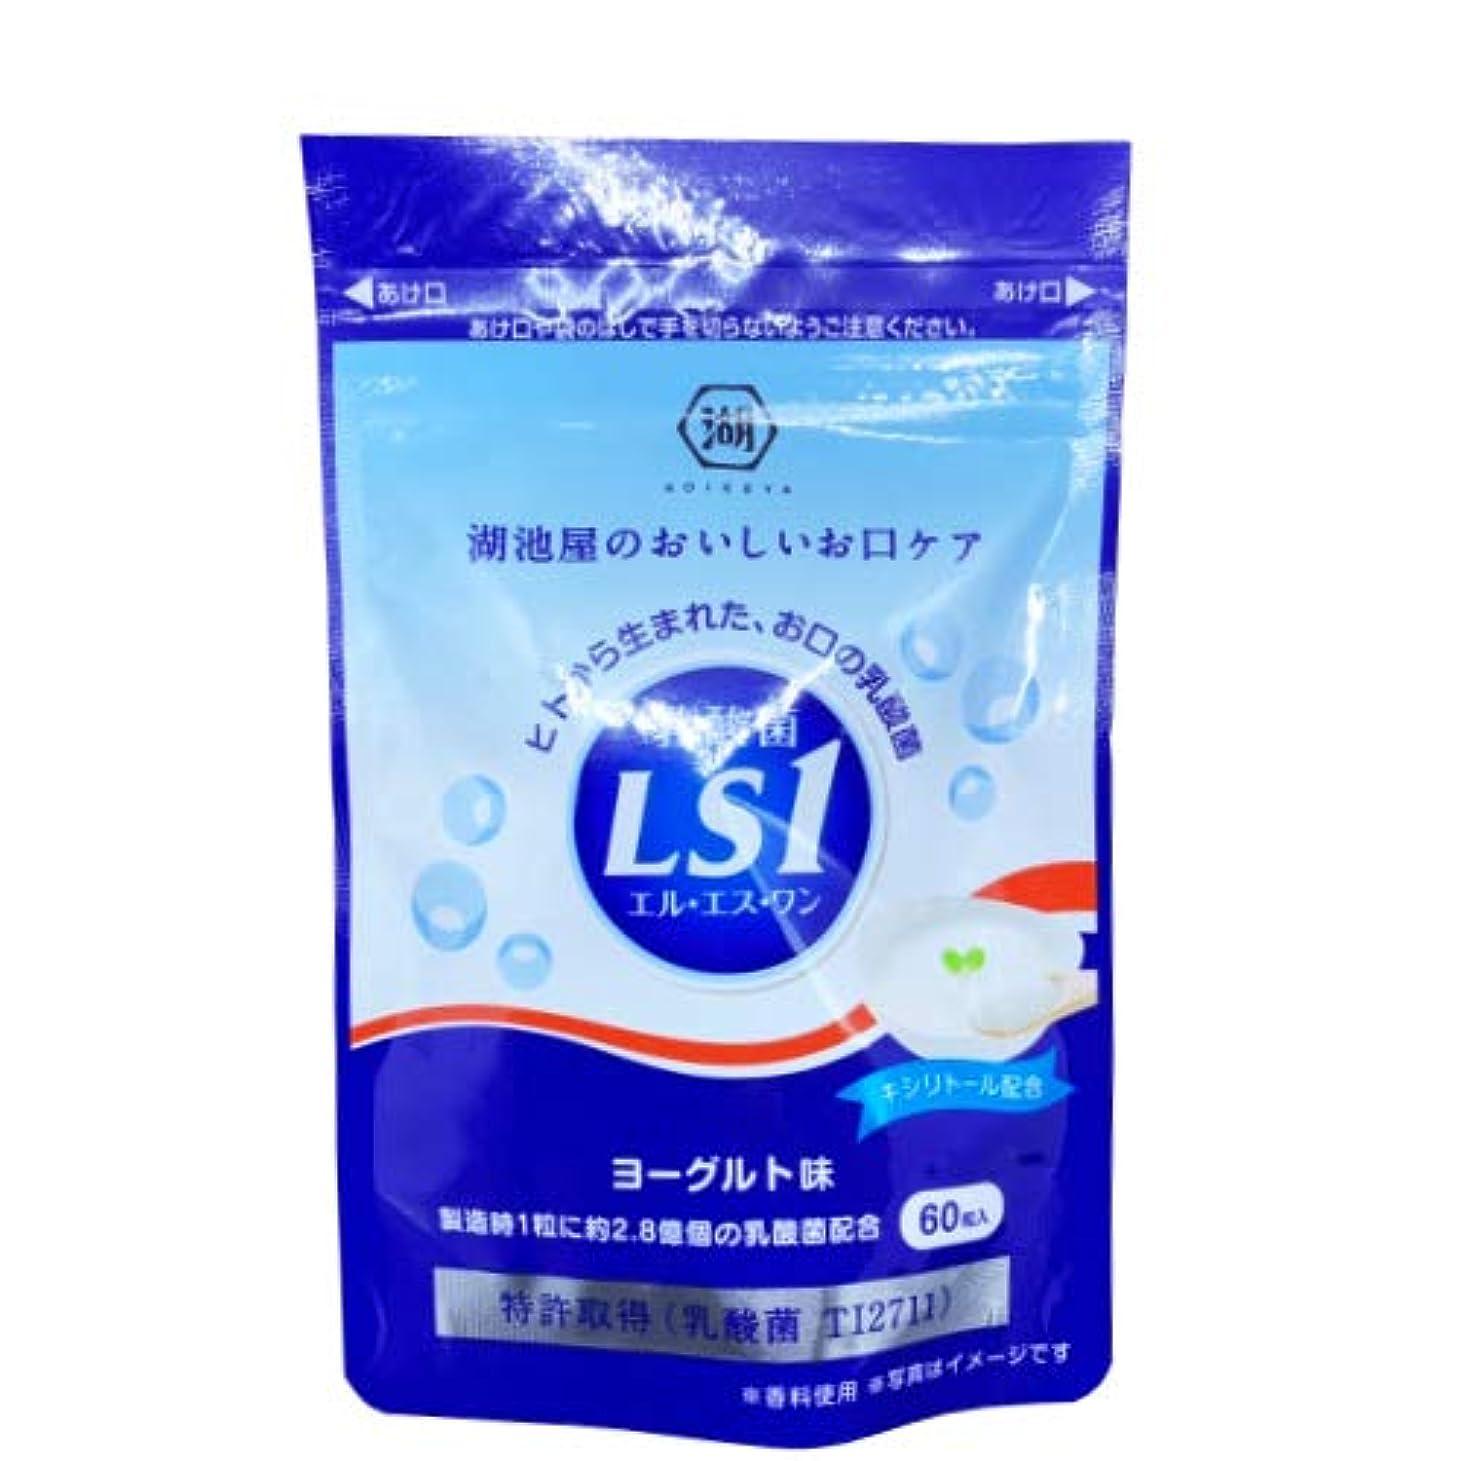 バトルかき混ぜる迷彩乳酸菌LS1 ヨーグルト味